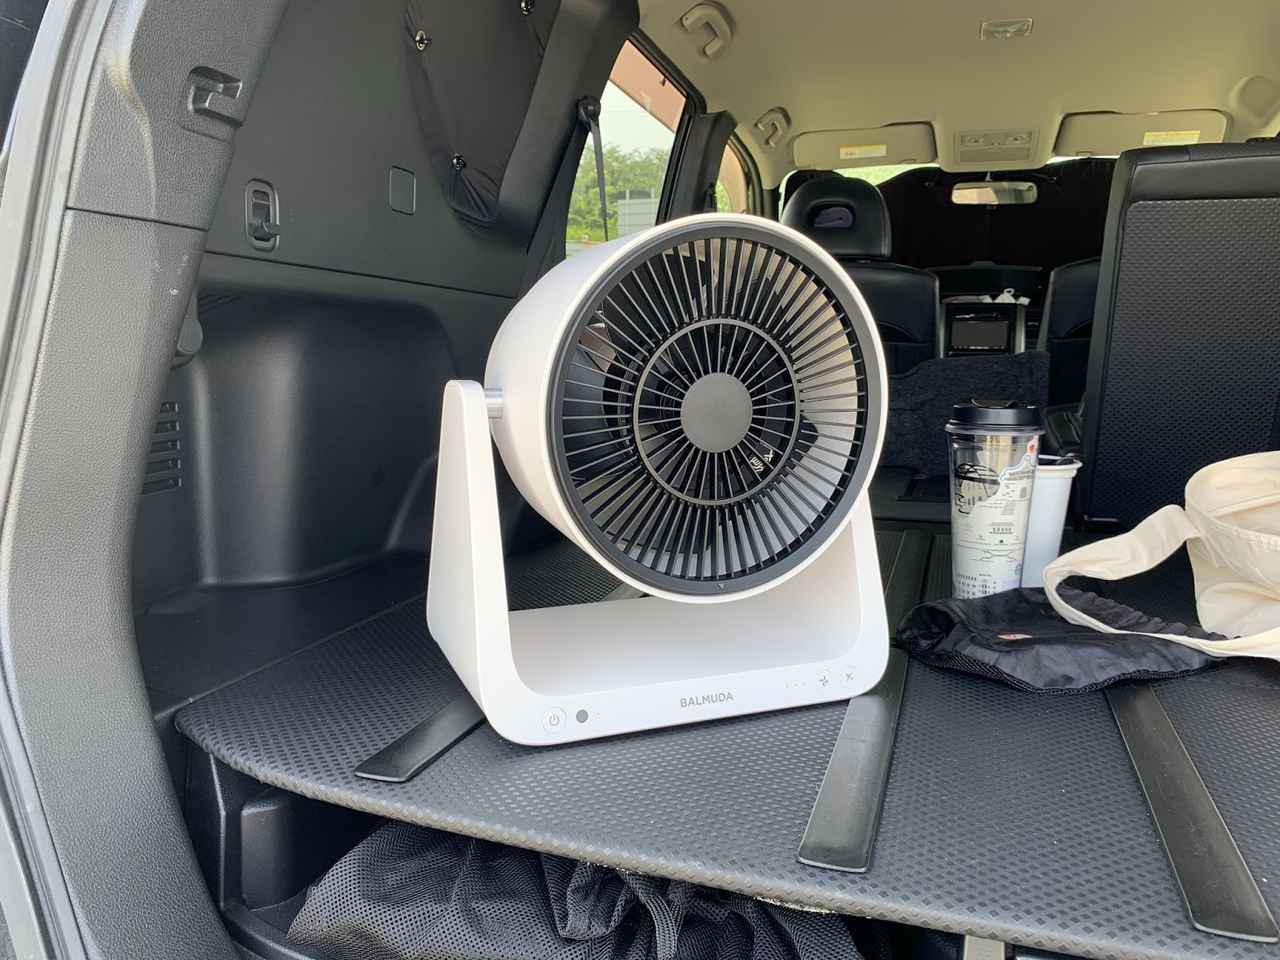 画像: 夏キャンプの必需品!? バルミューダーのサーキュレーター『GreenFan C2』をチェック - ハピキャン|キャンプ・アウトドア情報メディア